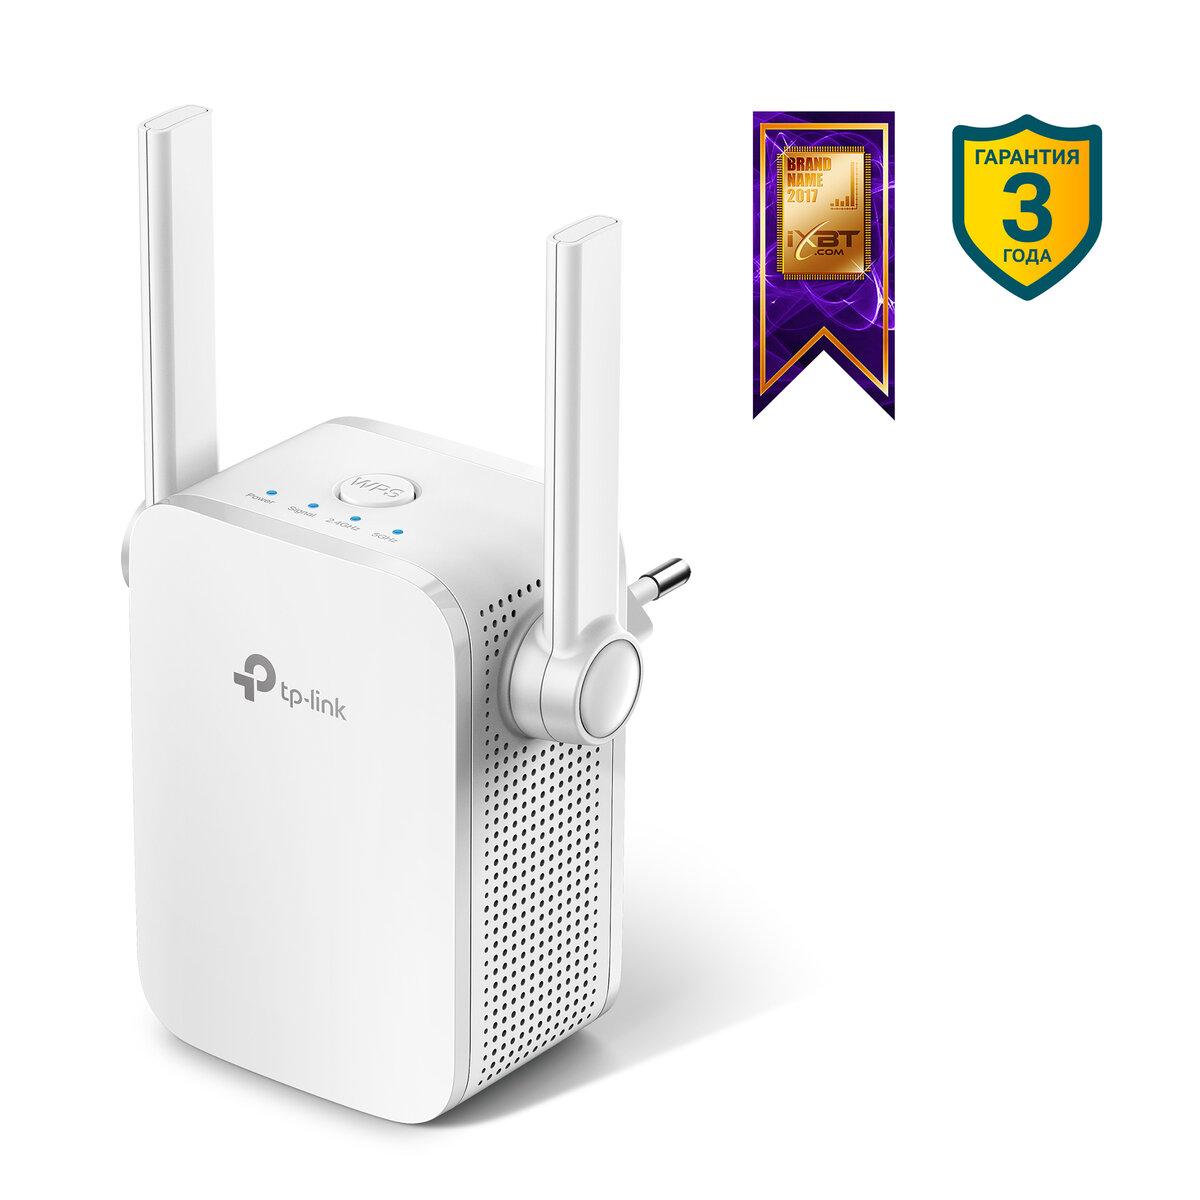 Усилитель Wi-Fi сигнала в Черкассах